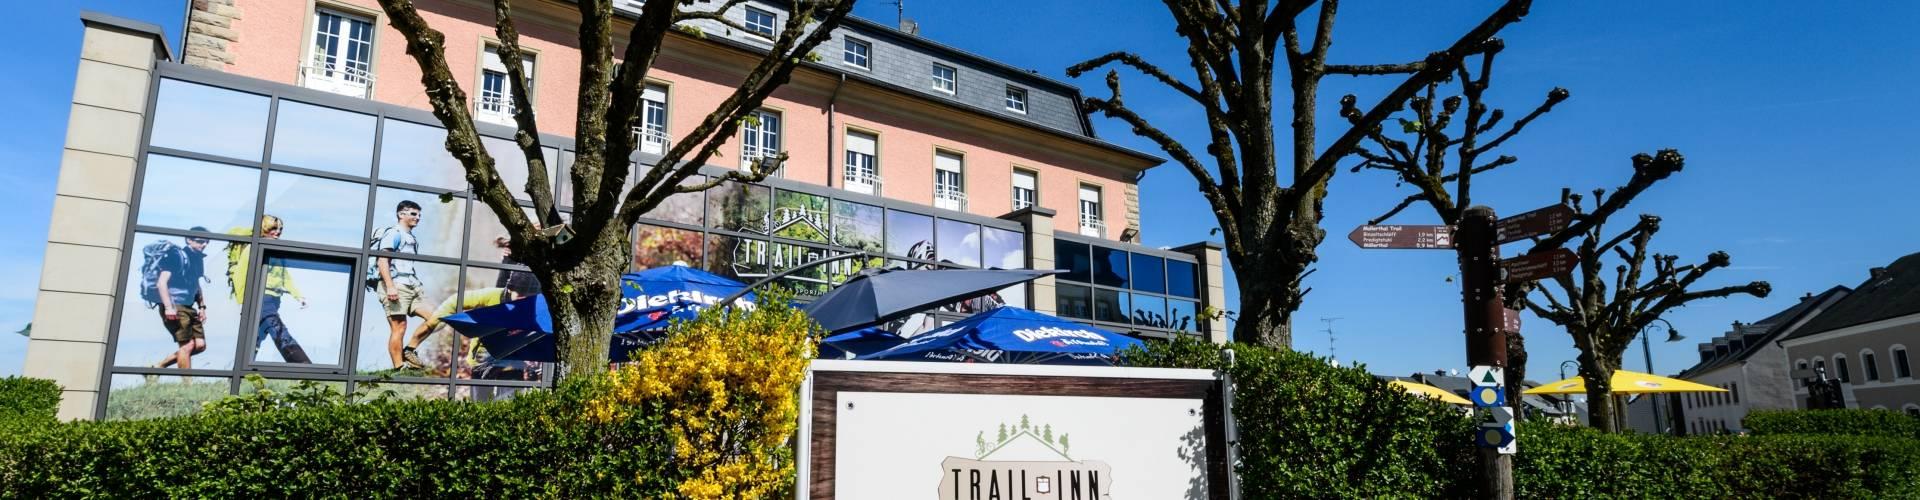 trail inn 04